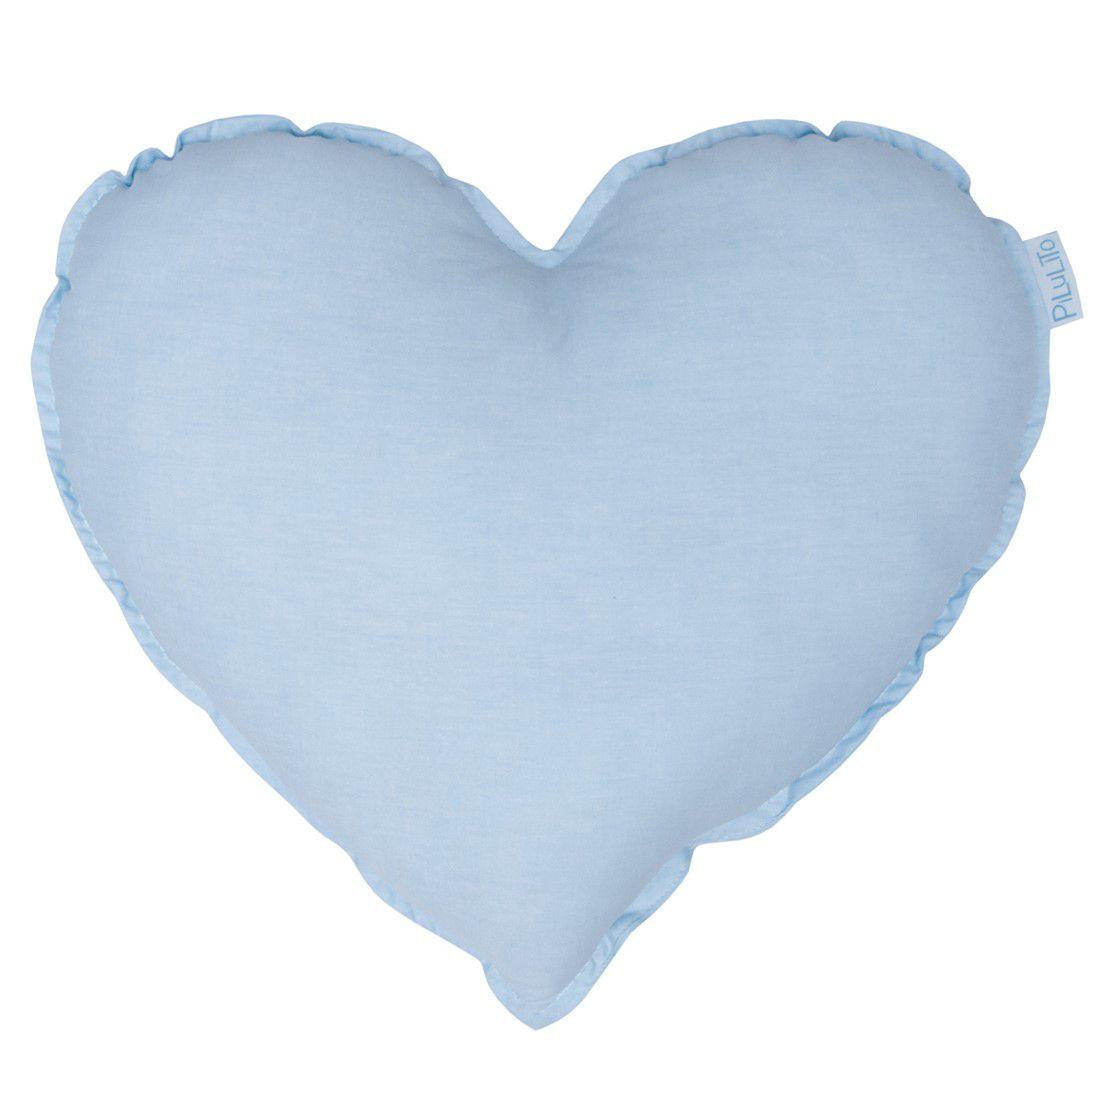 Almofada coração azul céu